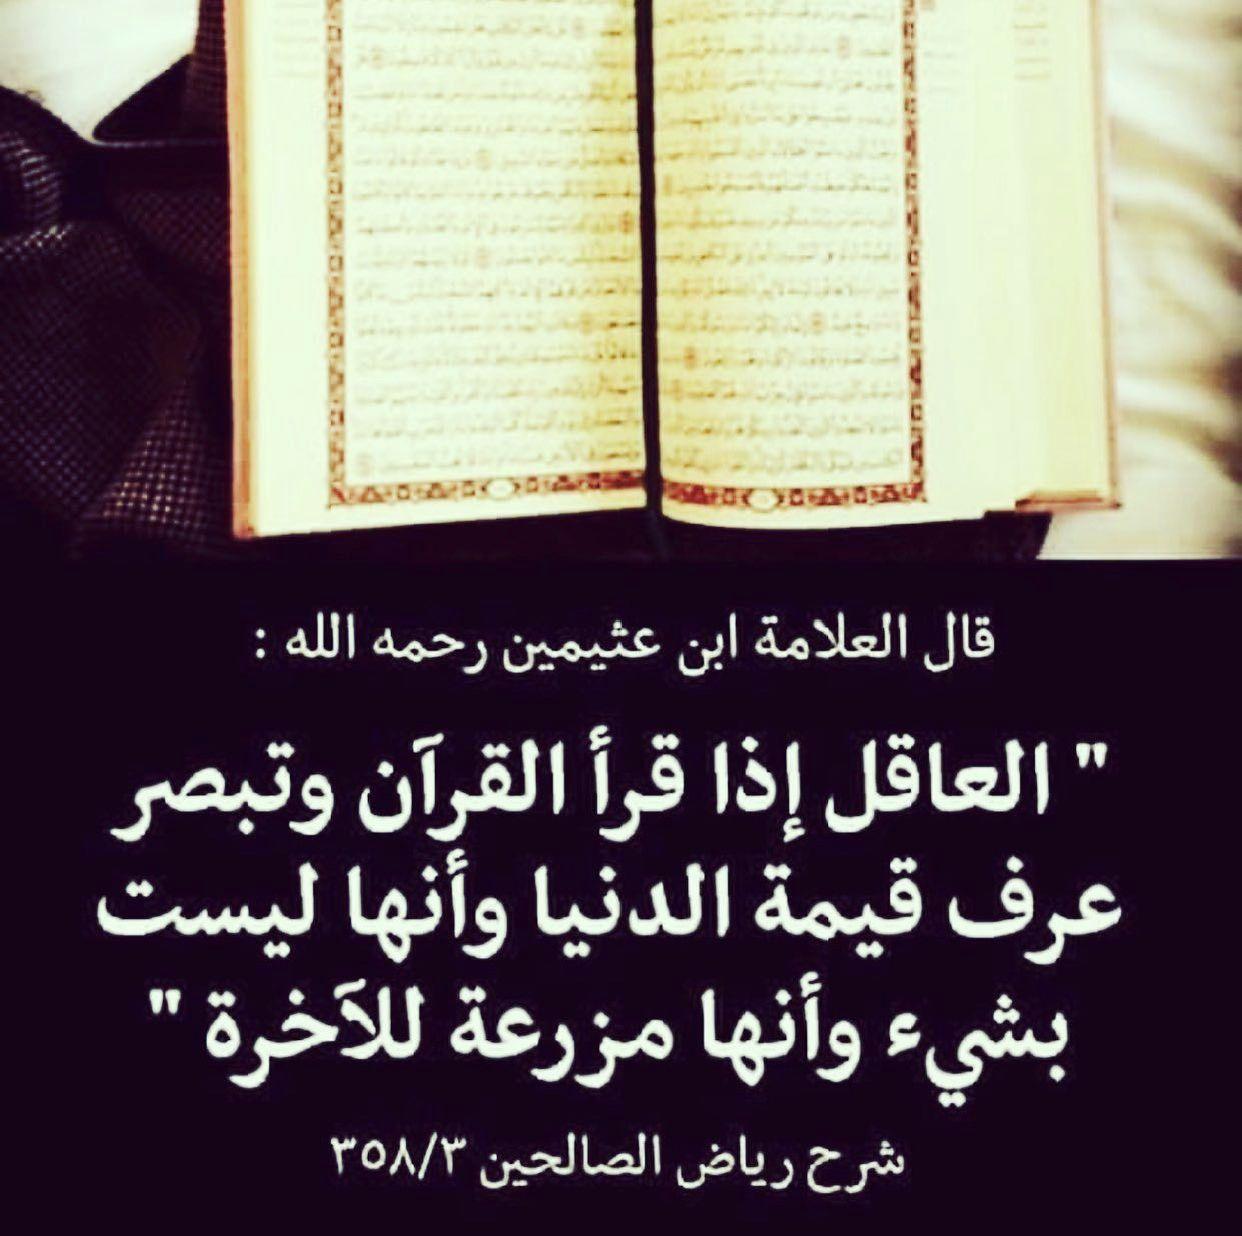 Pin By الأثر الجميل On أقوال الصحابة والعلماء Islam Reading Event